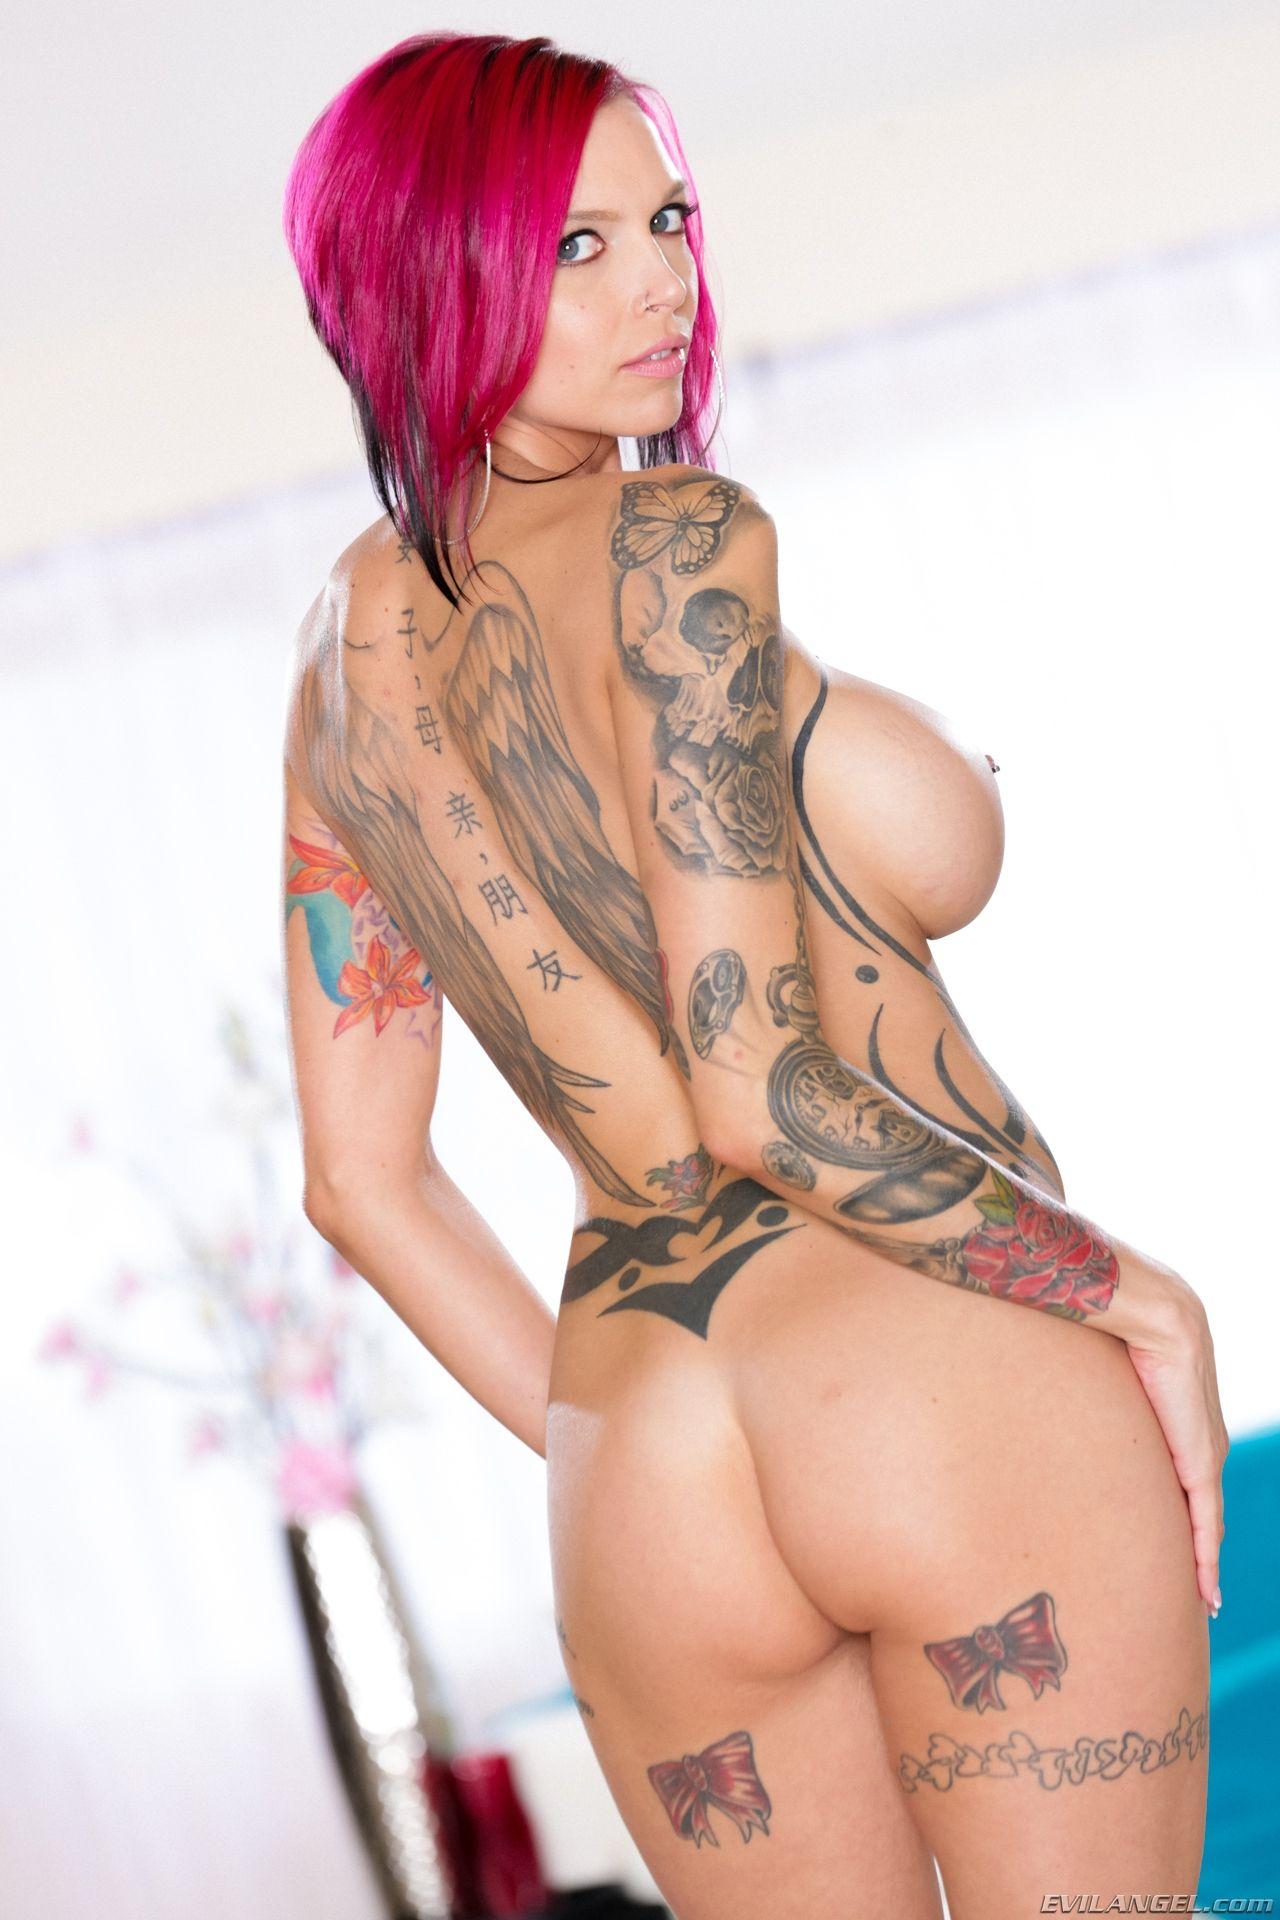 die geilsten pornodarstellerinnen erotik com